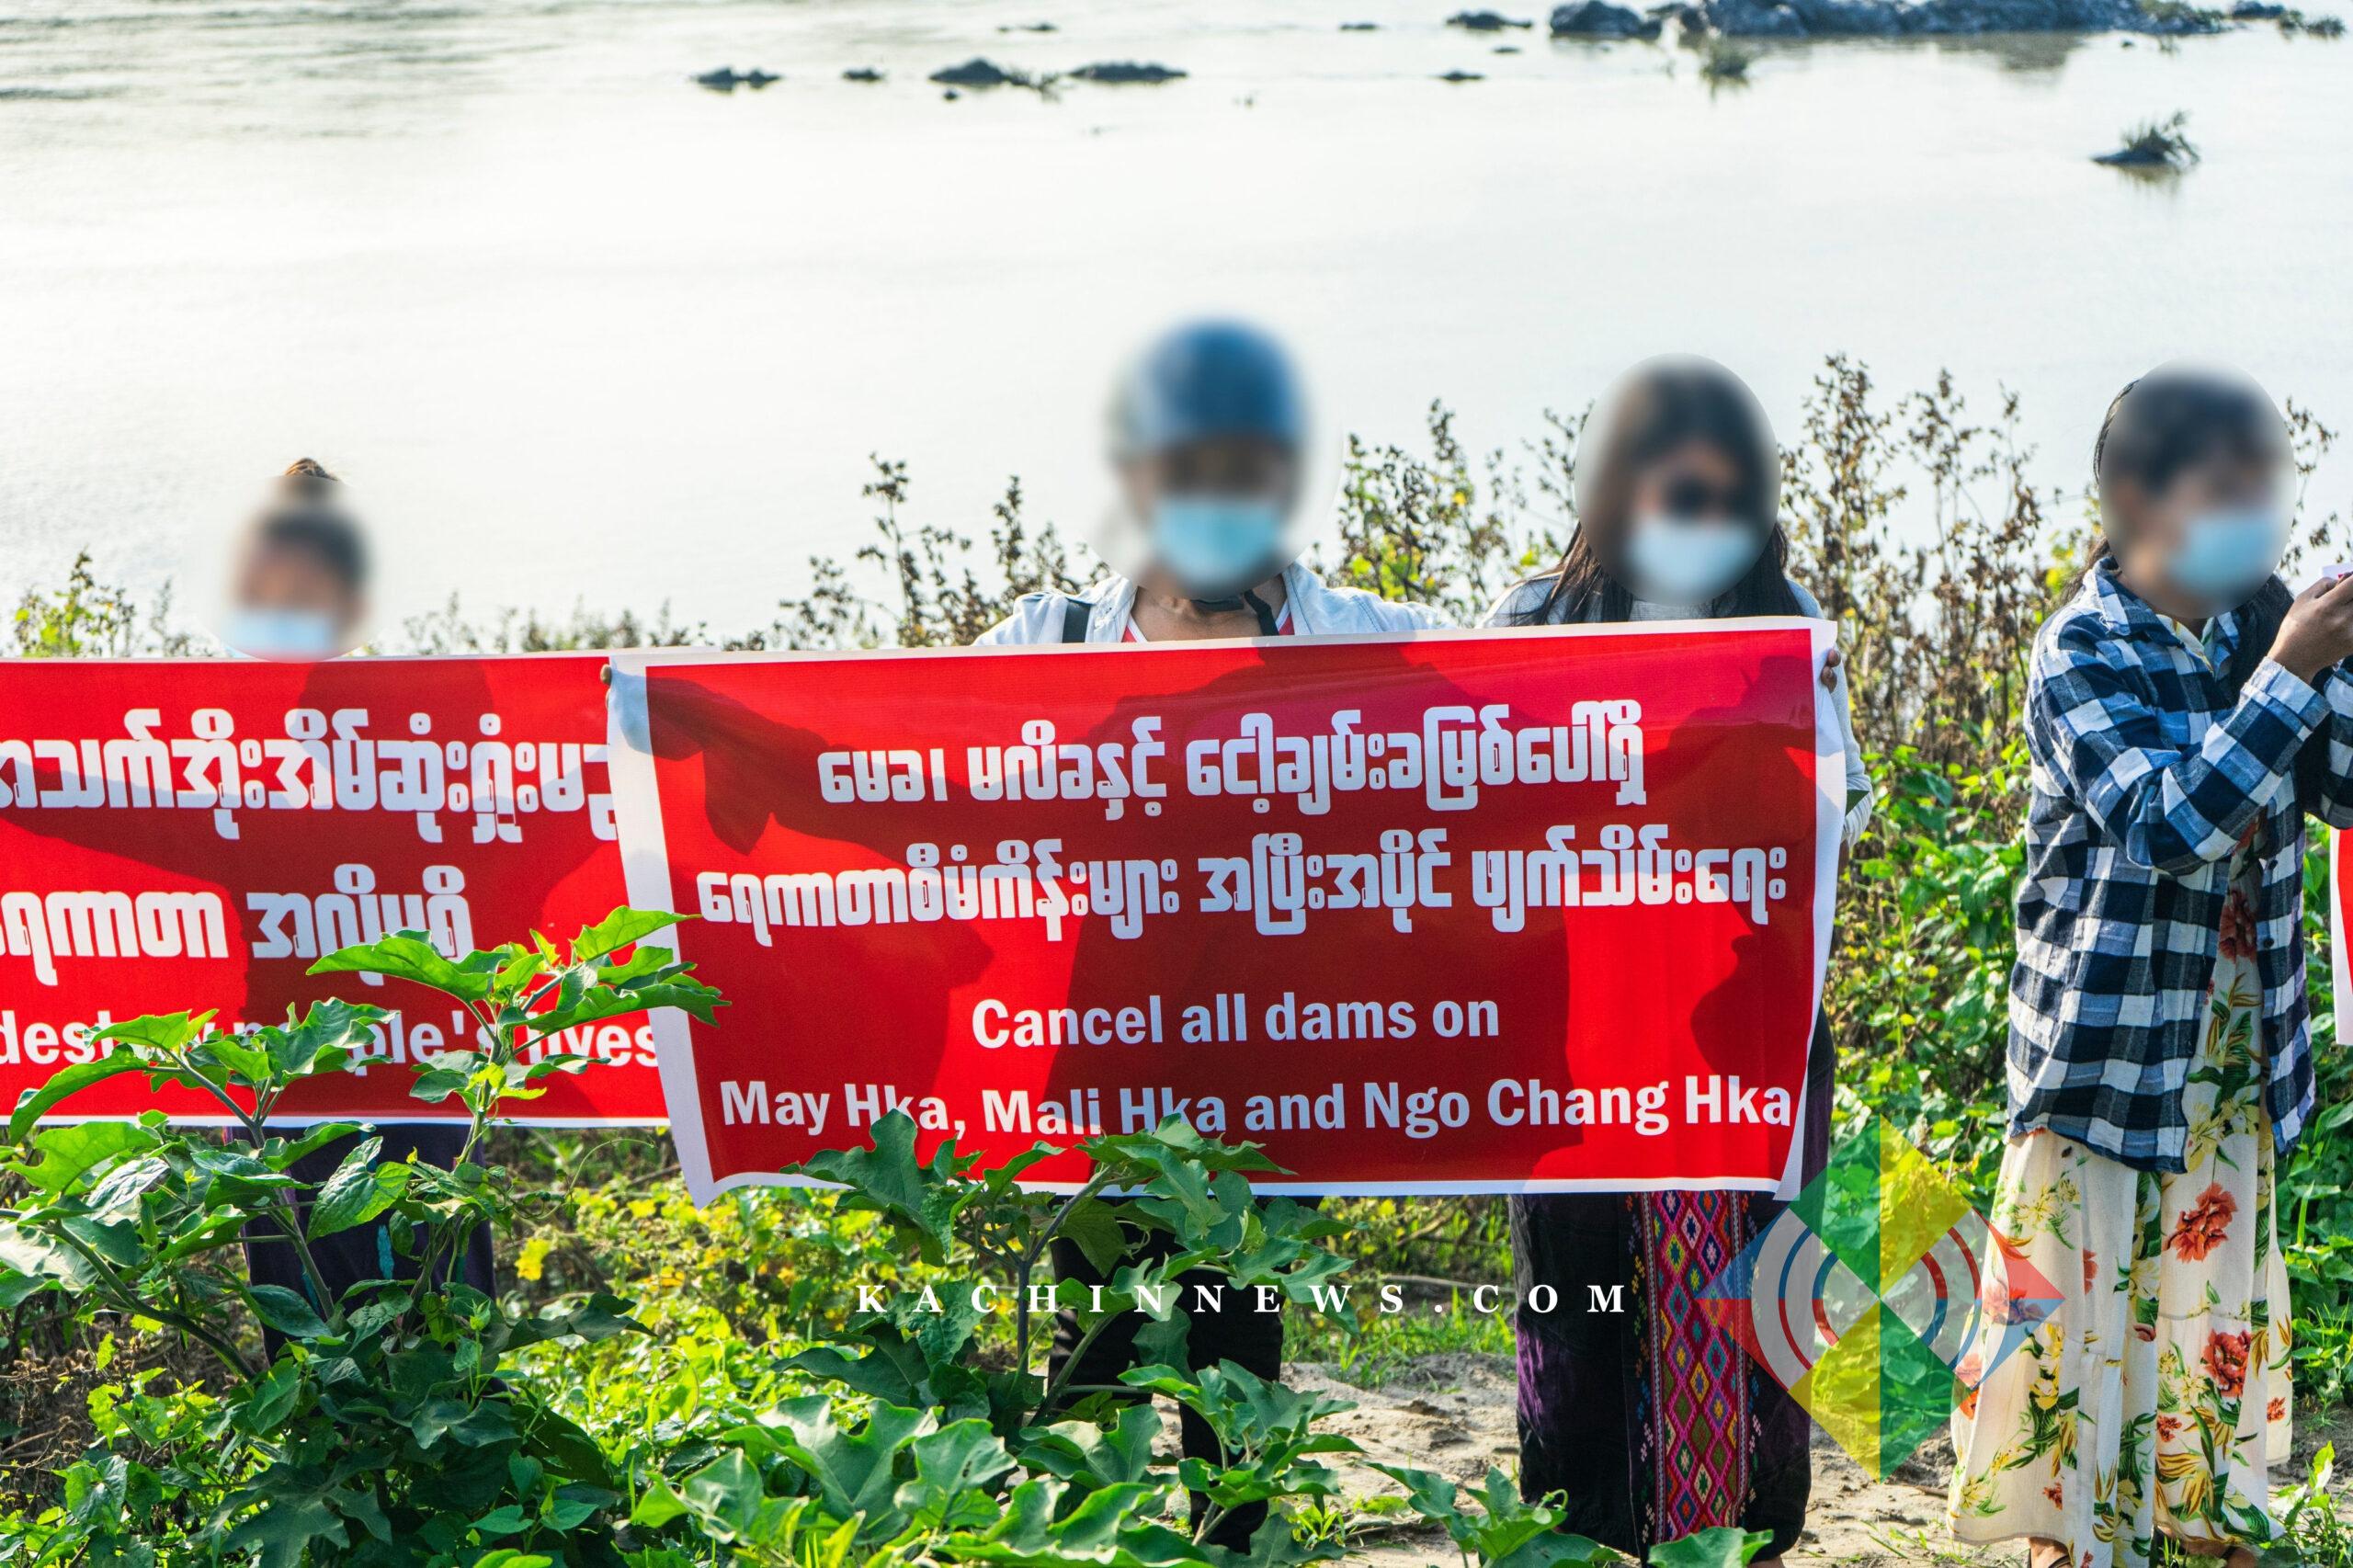 ရေကာတာစီမံကိန်းများအပြီးတိုင် ရပ်ဆိုင်းပြီး တရုတ် SPIC ကုမ္ပဏီထွက်ခွာသွားရန် ကချင်ဒေသခံများ တောင်းဆို